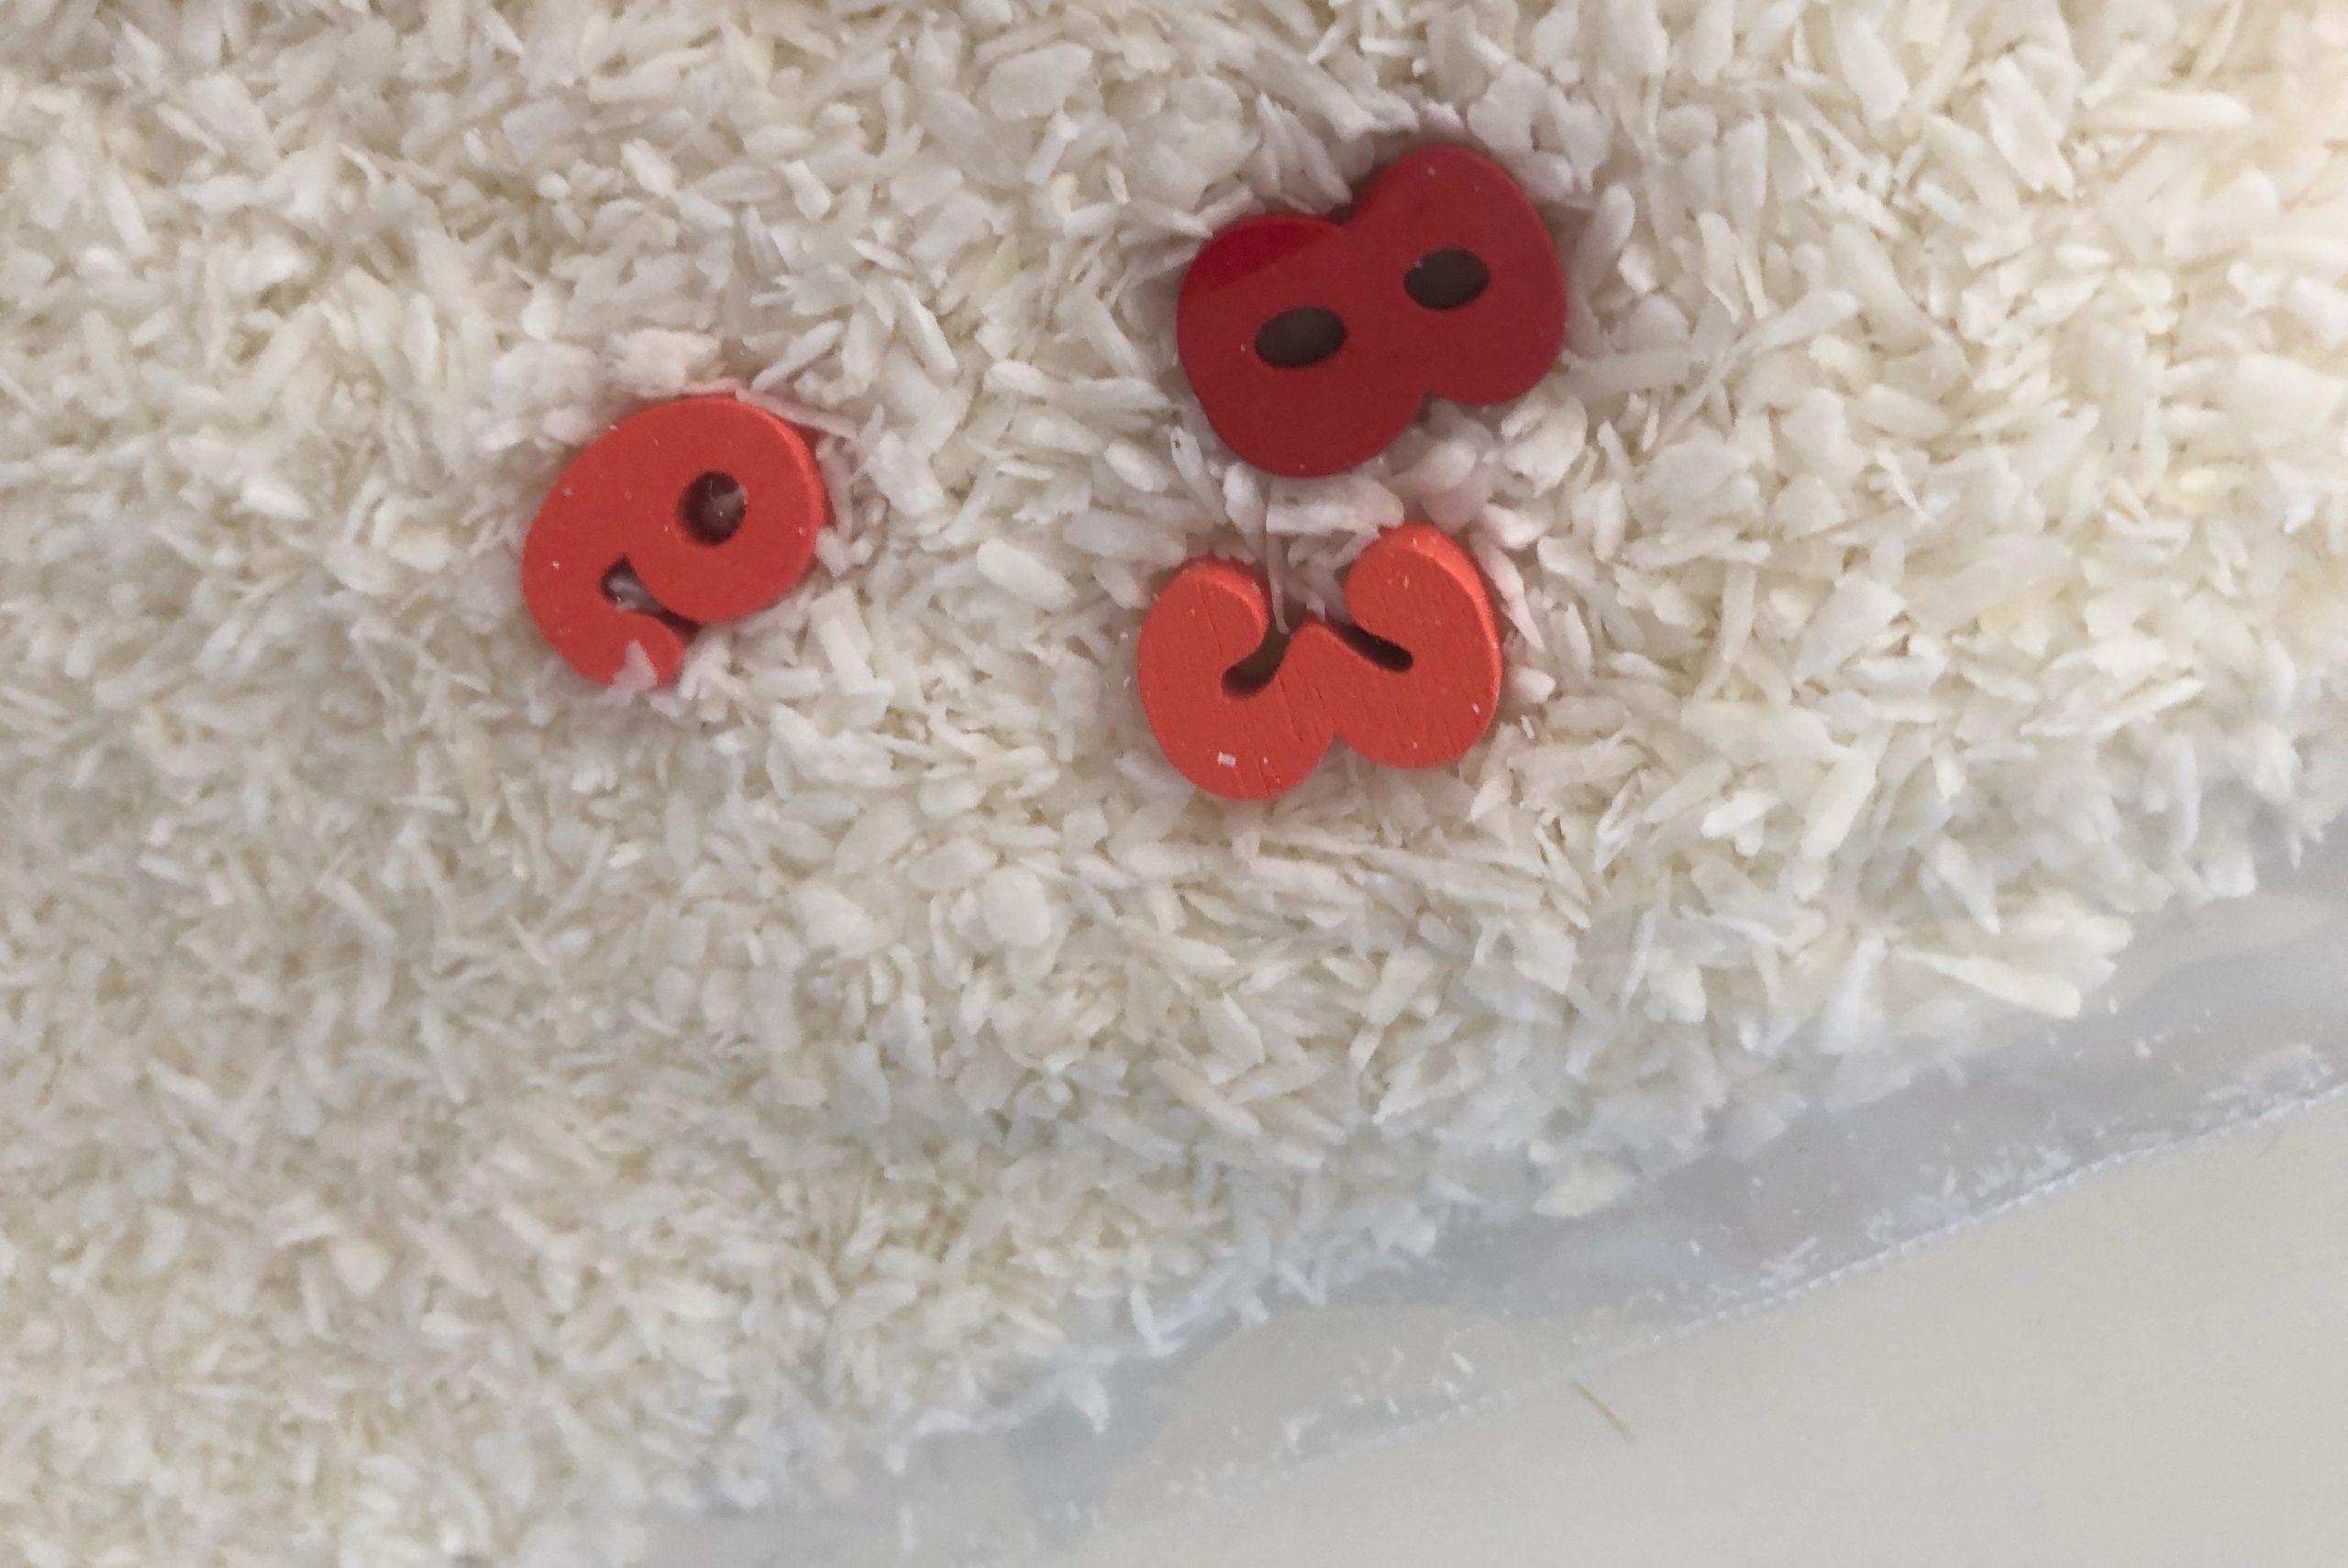 bolsa sensorial con coco rallado